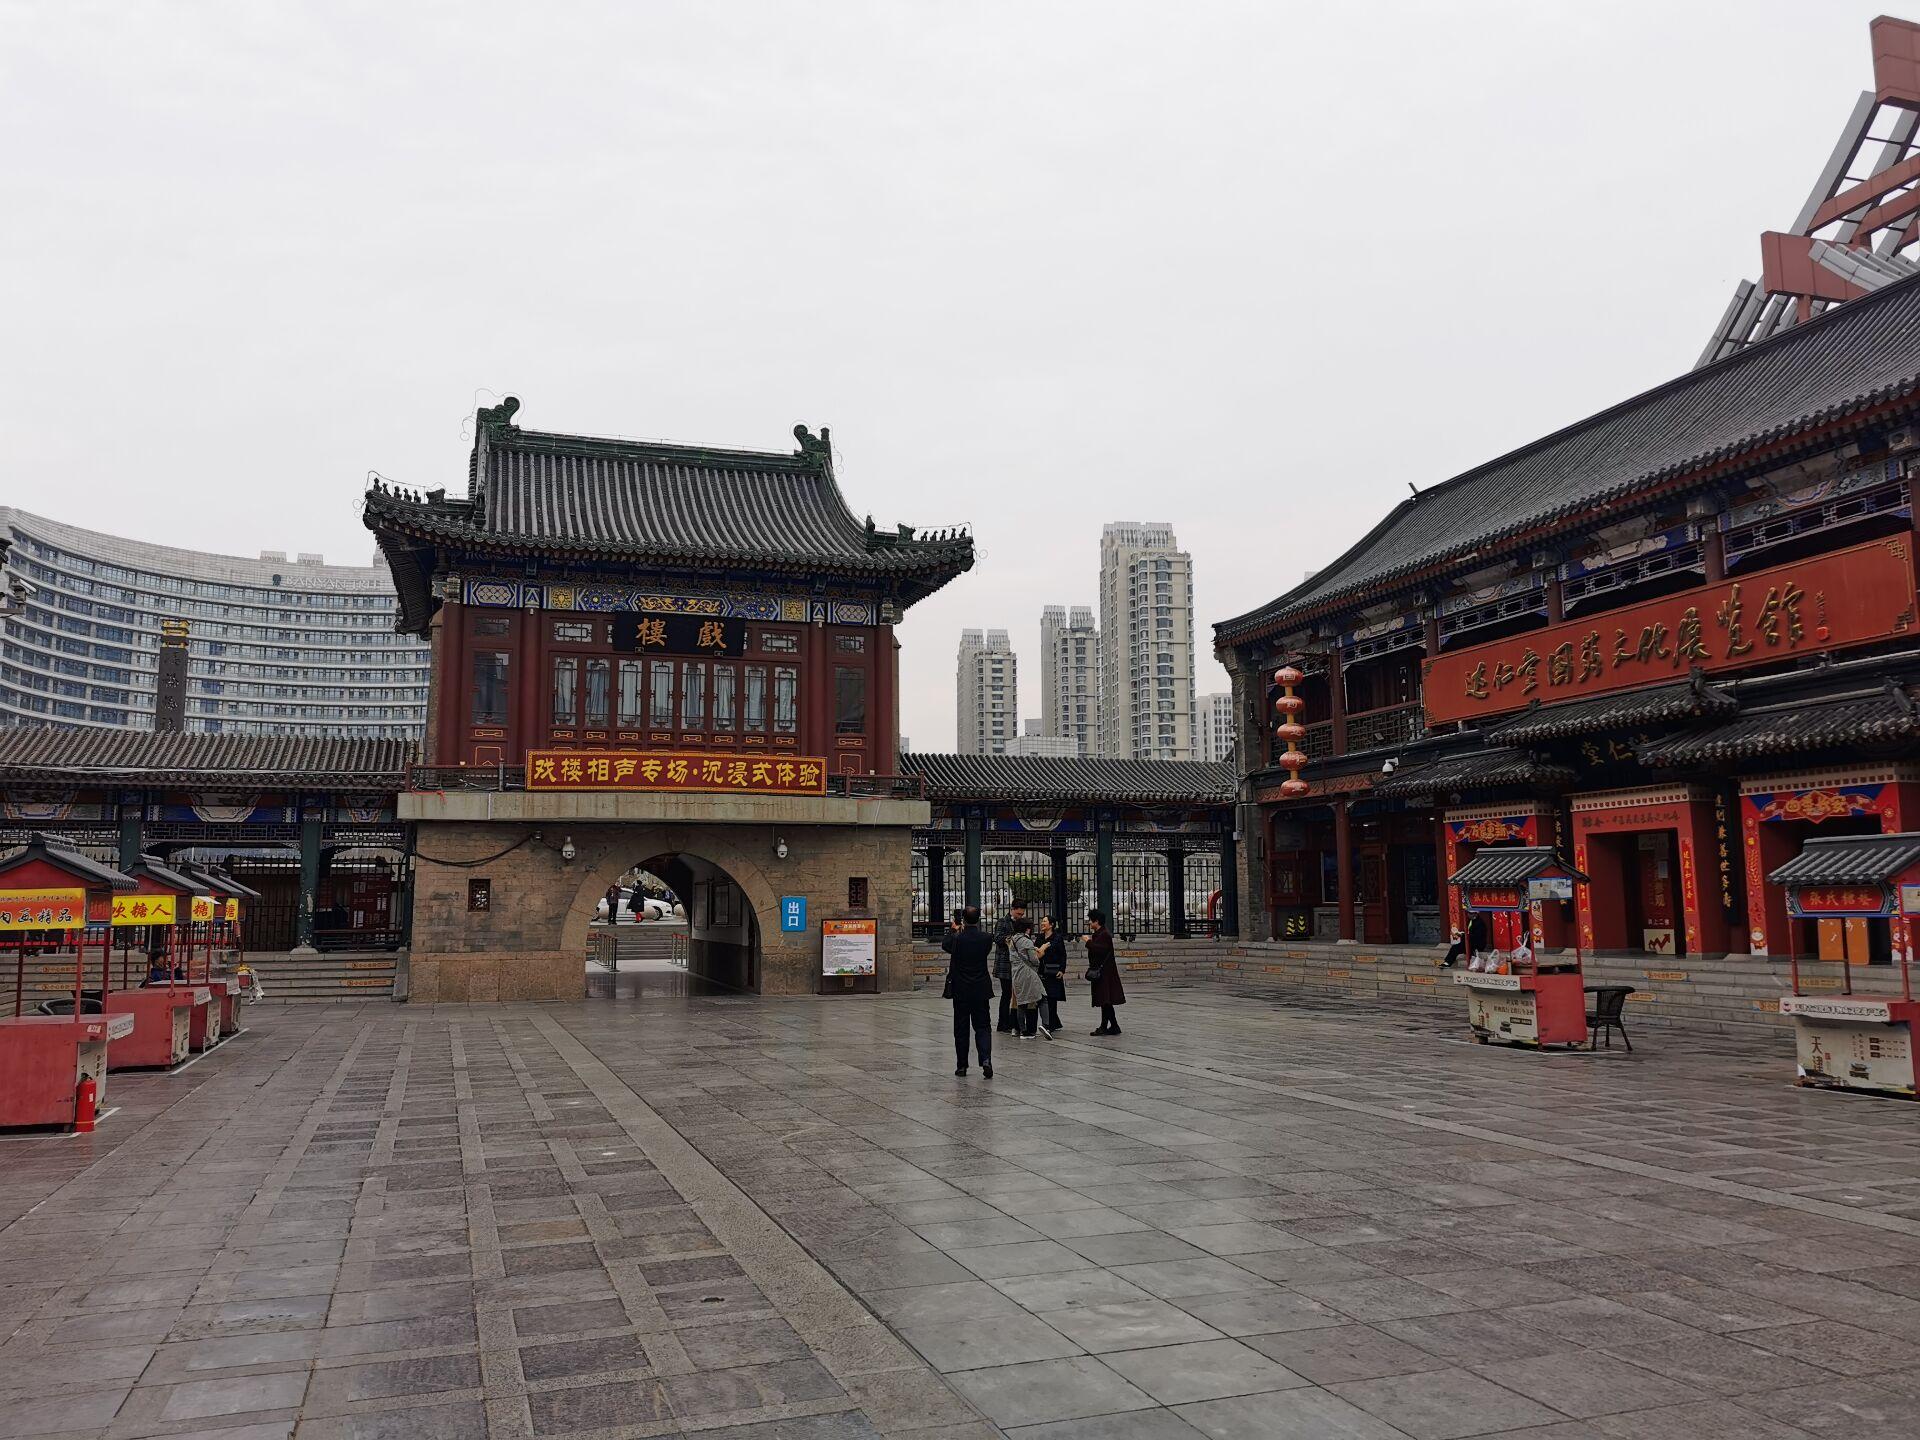 天津古文化街12.jpg